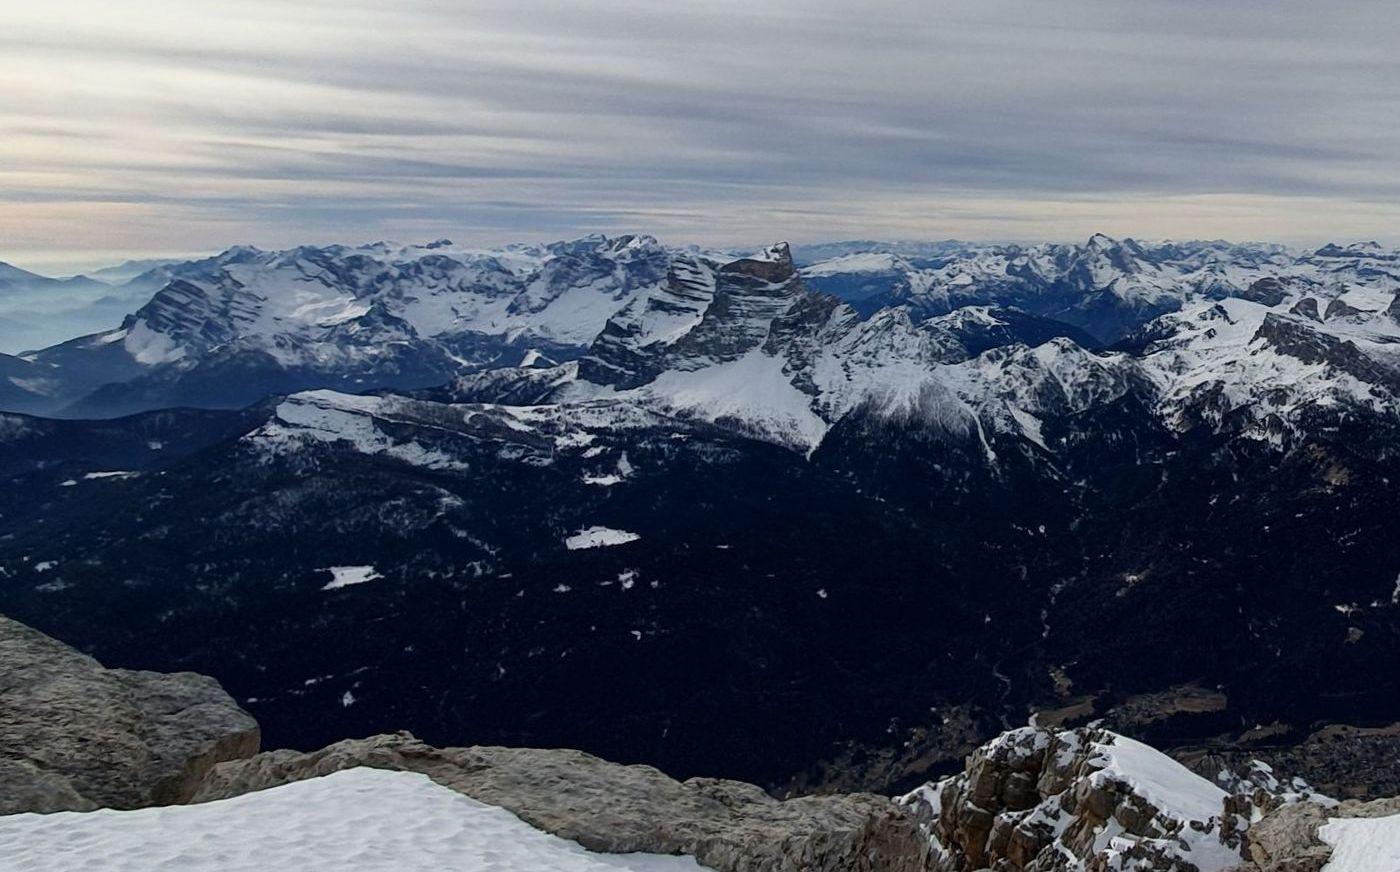 00 Monte Pelmo v strede pohľad z vrcholu Monte Antelao